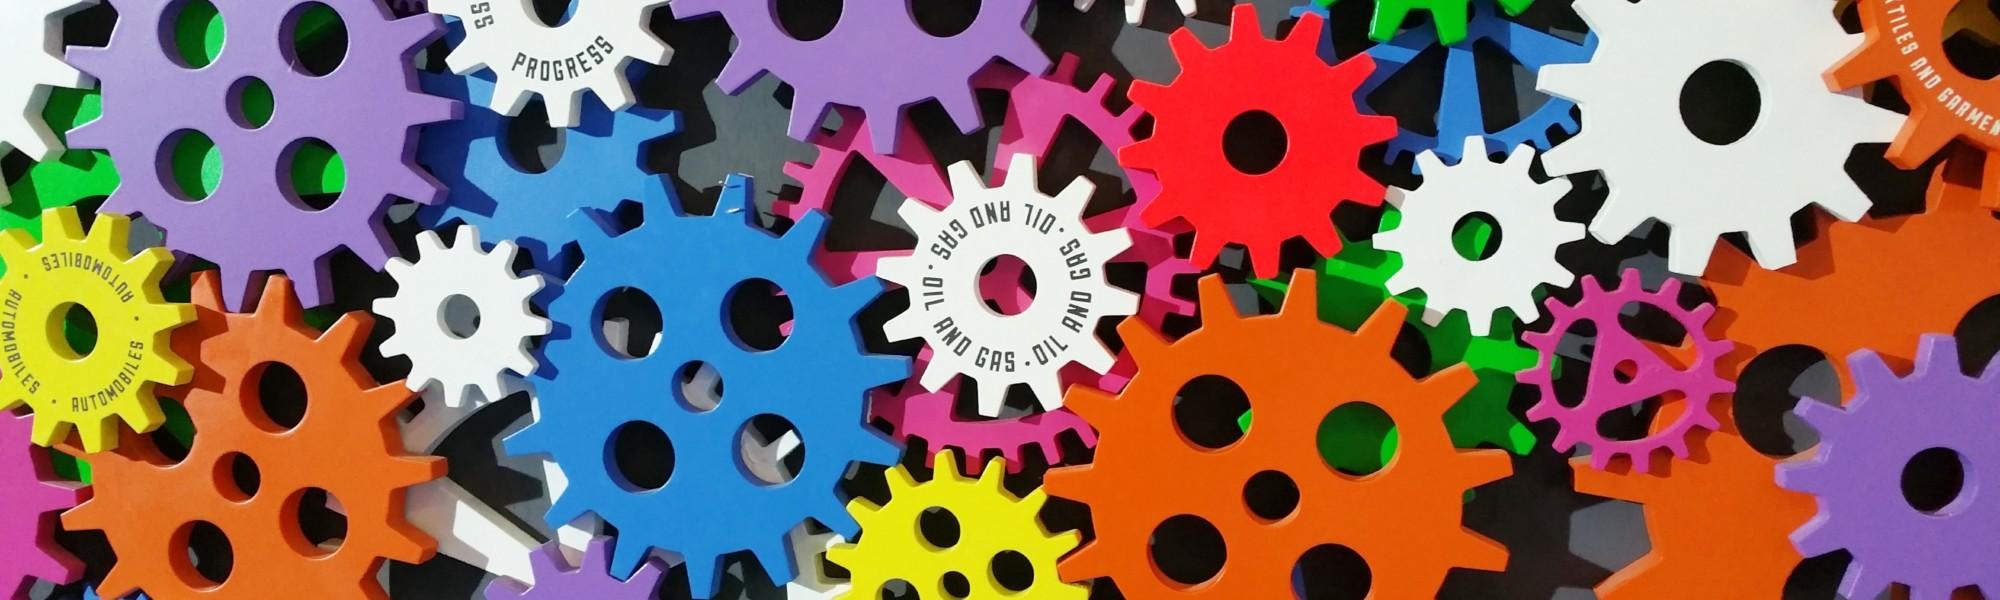 Kuvassa on eri värisiä lasten rakennussarjaan kuuluvia ratasosia.